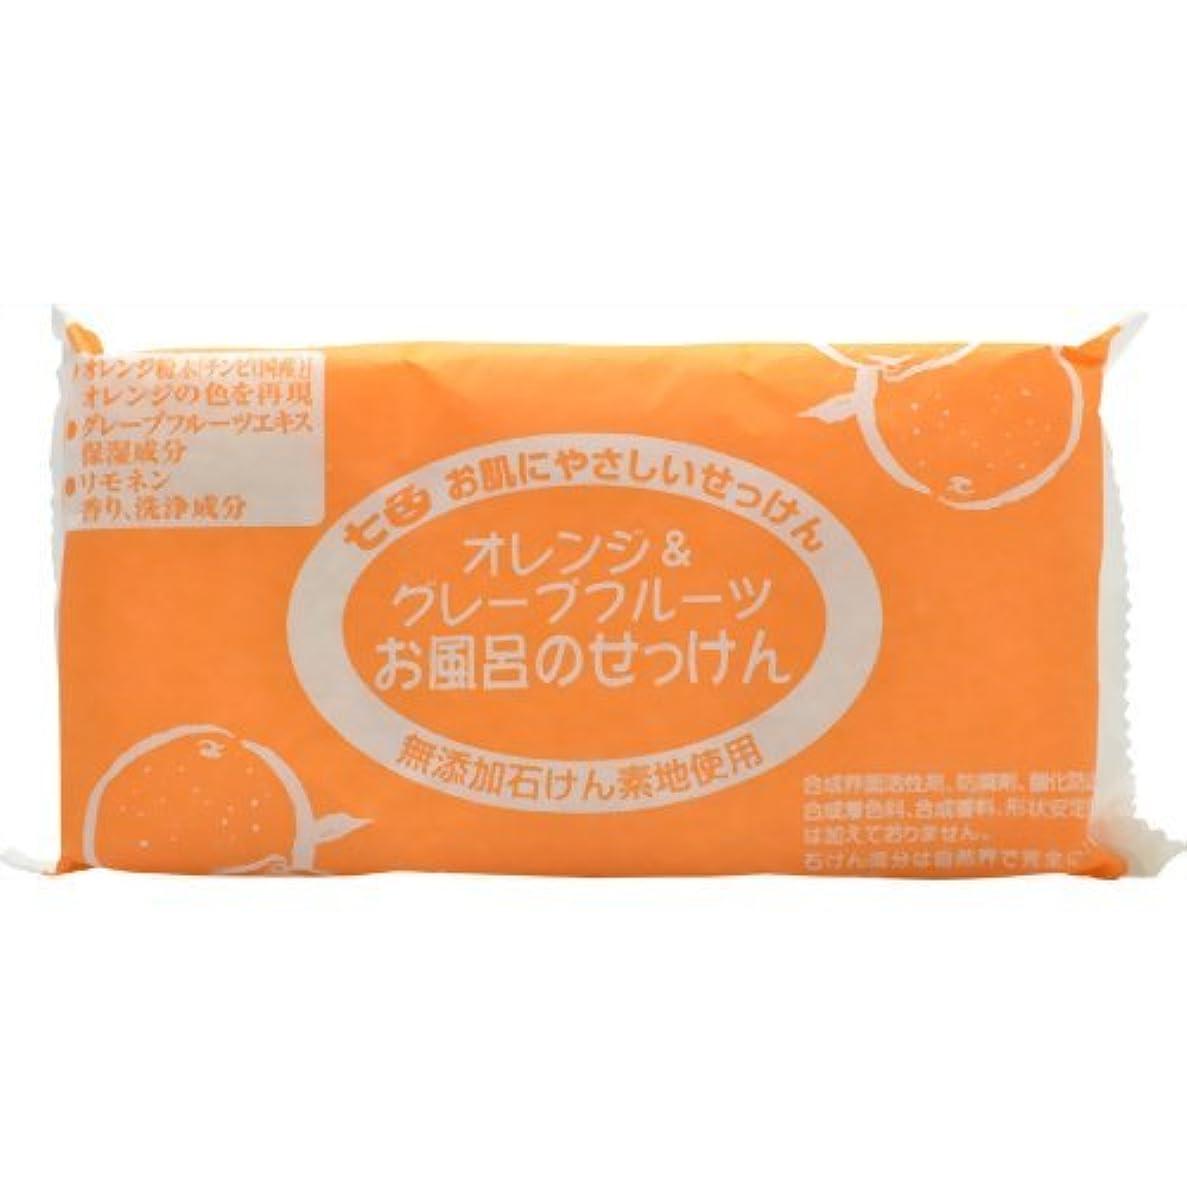 オレンジカップルグリースまるは オレンジ&グレープフルーツ お風呂の石鹸 3個入り